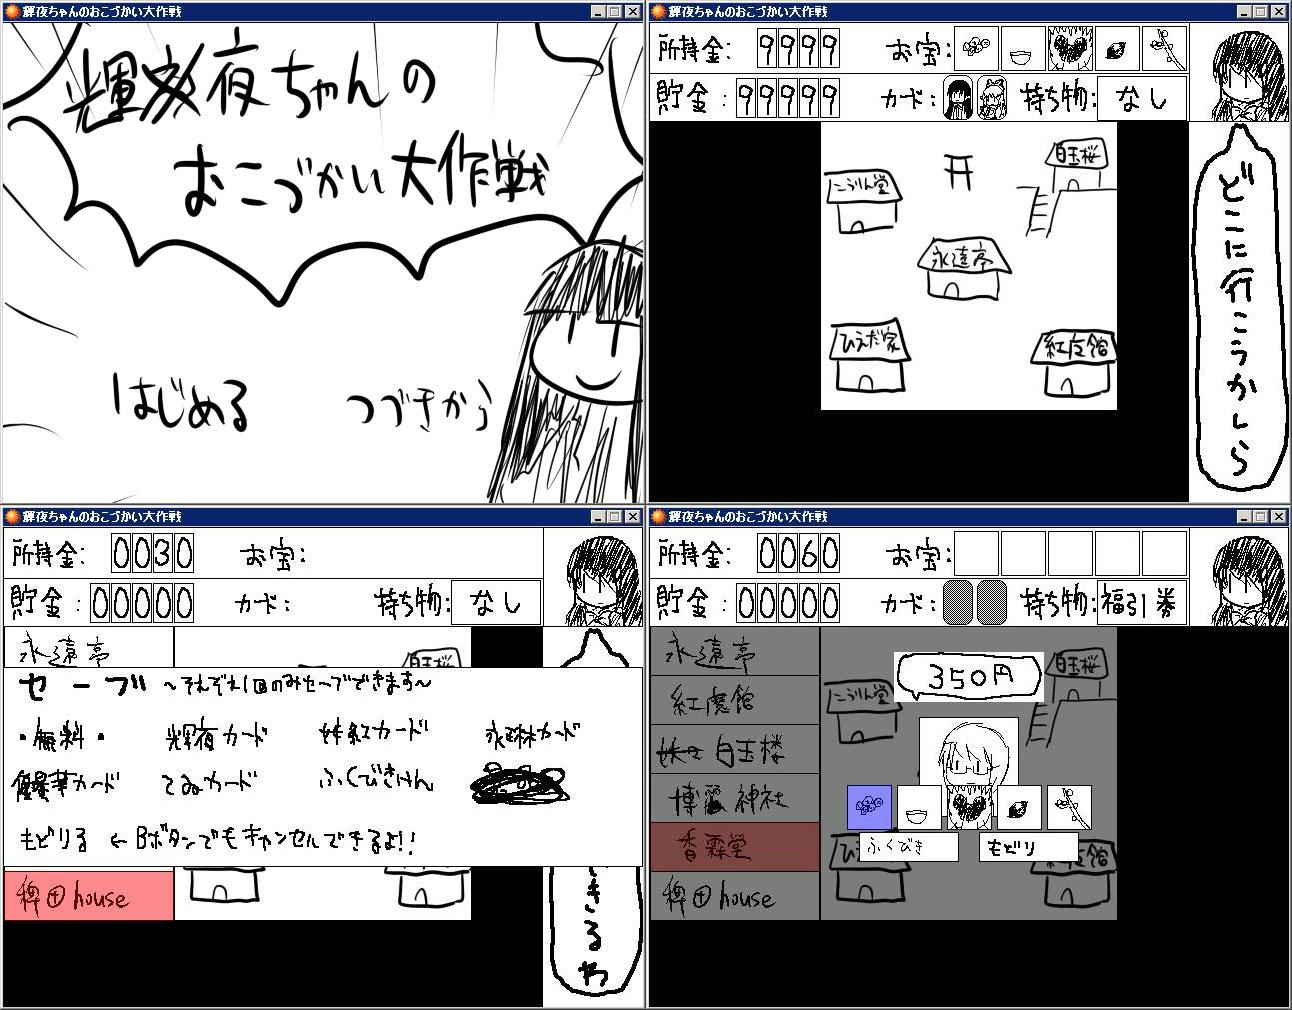 輝夜ちゃんのおこづかい大作戦01